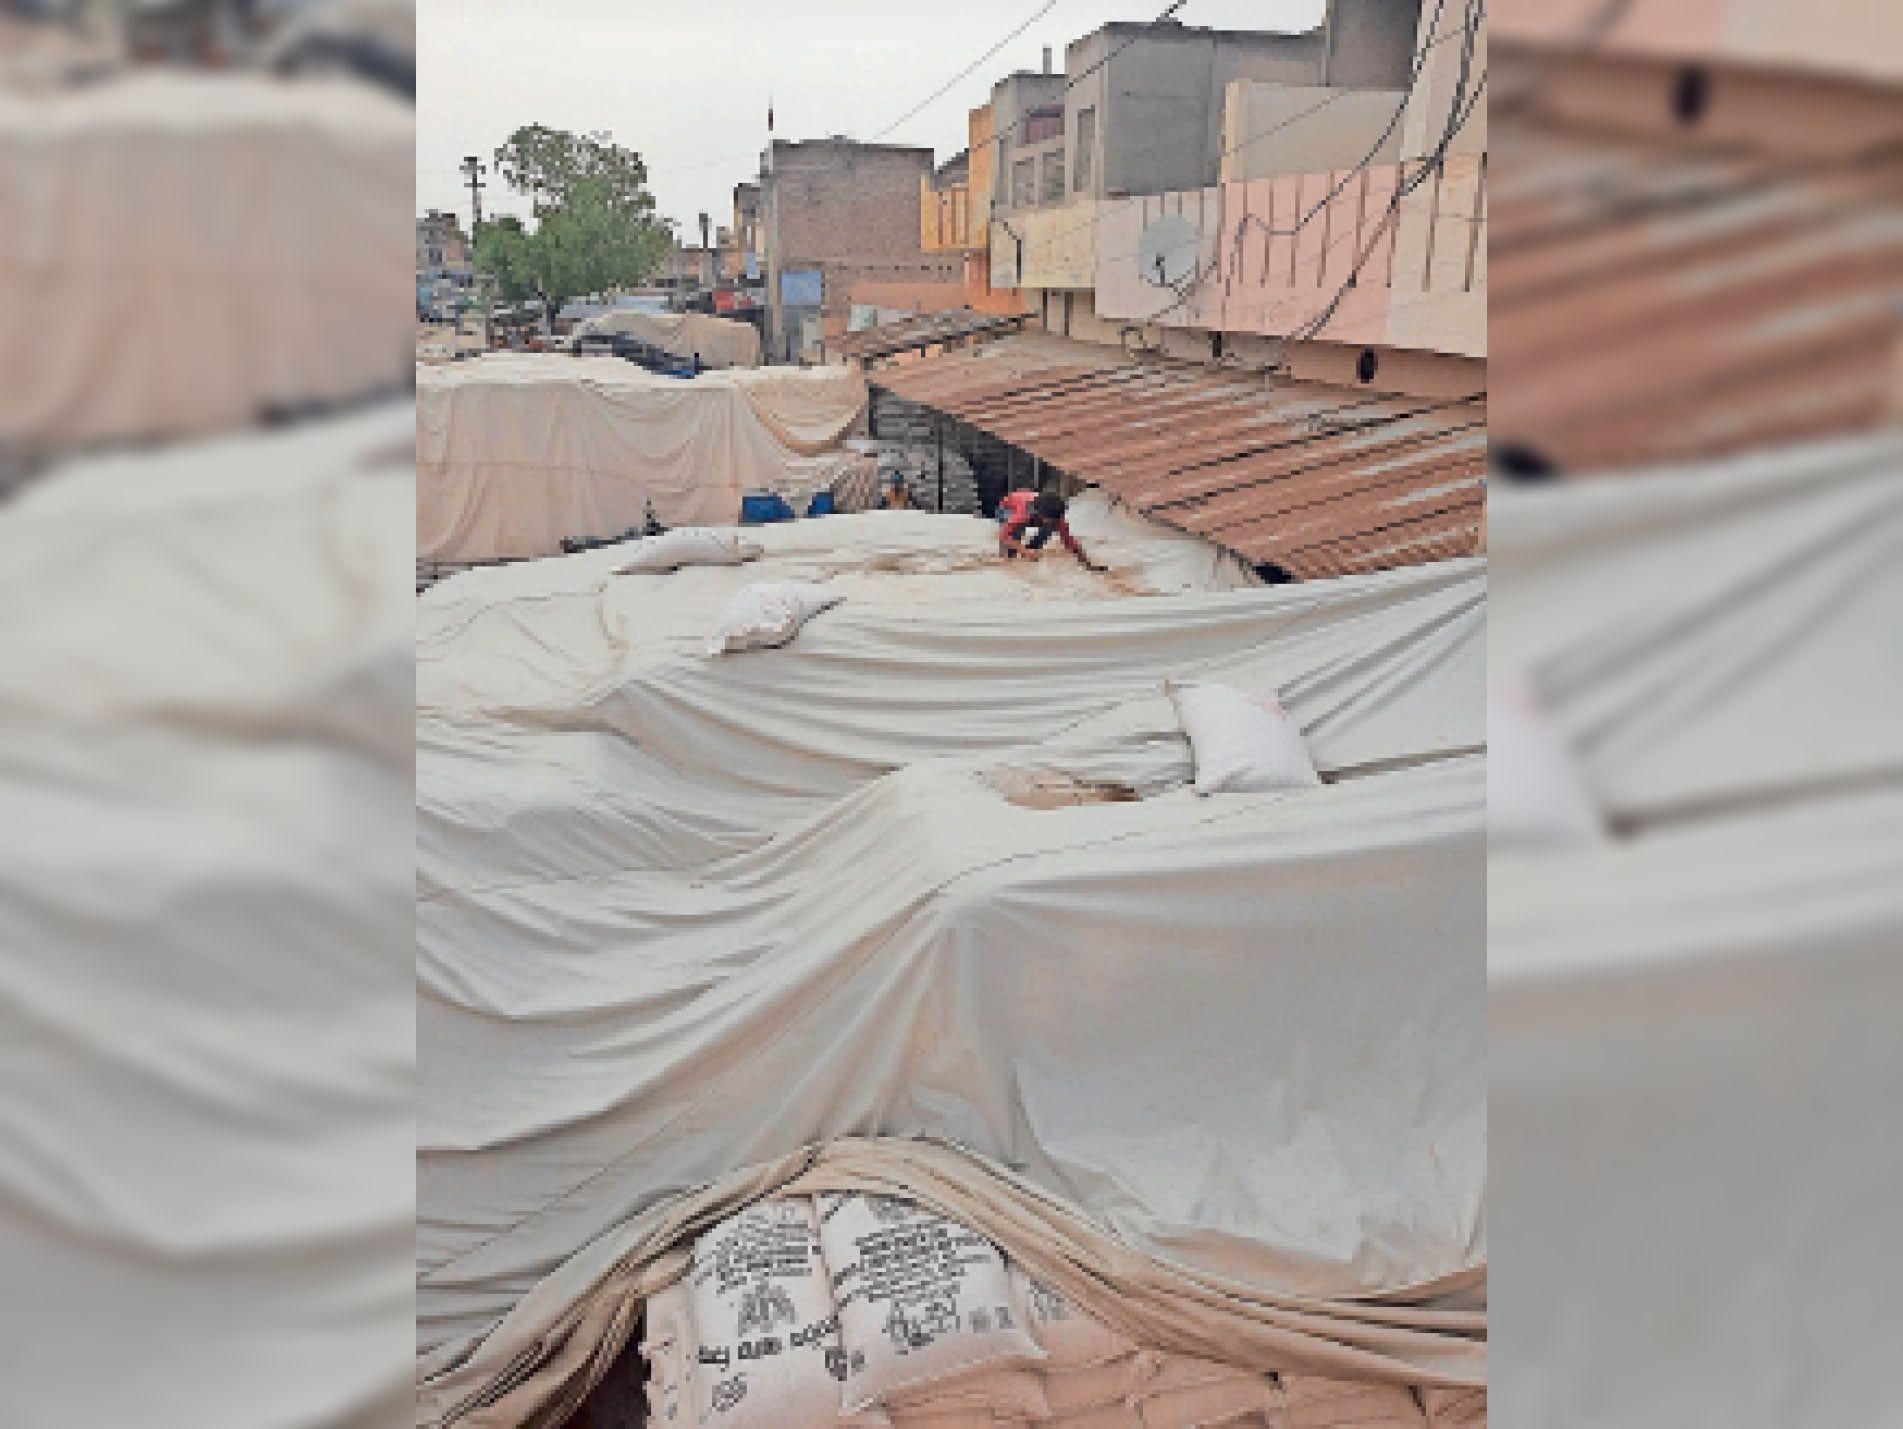 छोटे केंद्रों पर बंद करने के दिए लिखित आदेश, बड़ी मंडियों में भी बारदाने के अभाव में नहीं हो रही खरीद हनुमानगढ़,Hanumangarh - Dainik Bhaskar